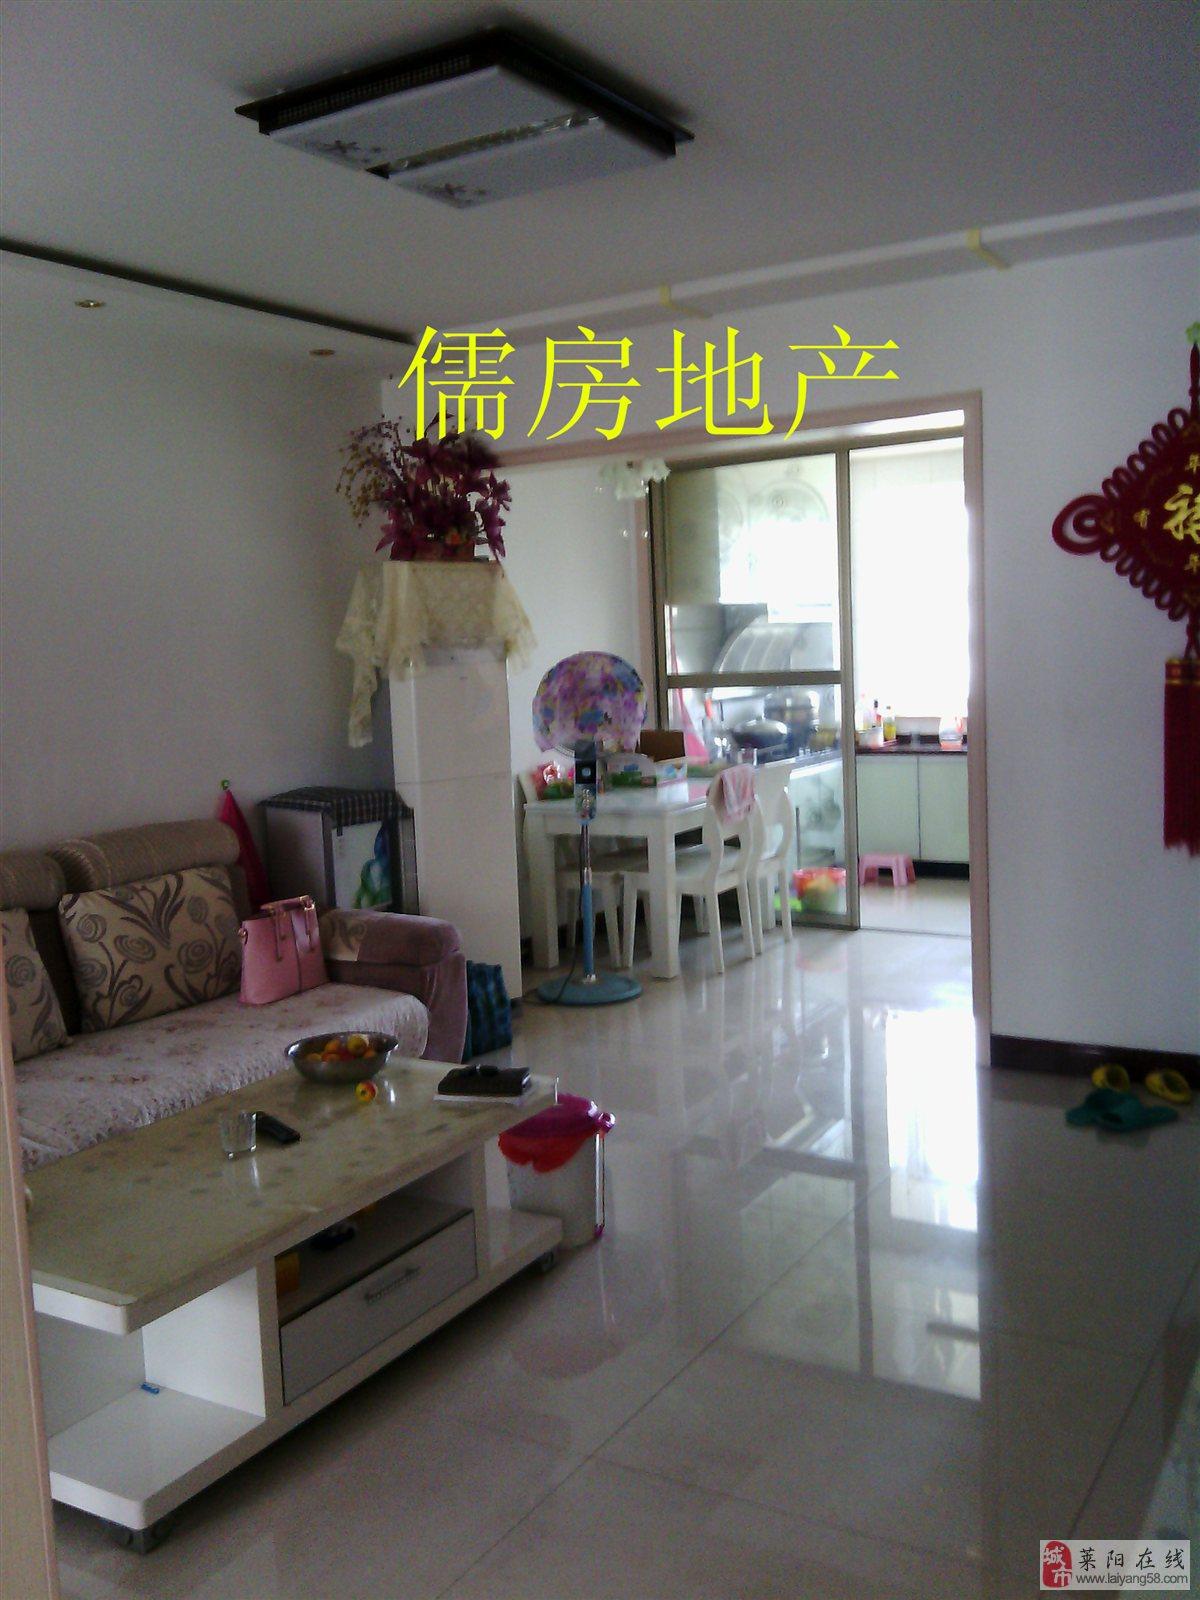 莱阳首页 分类信息首页 房产首页 房屋出售 >> 出售信息   莱阳市鹤山